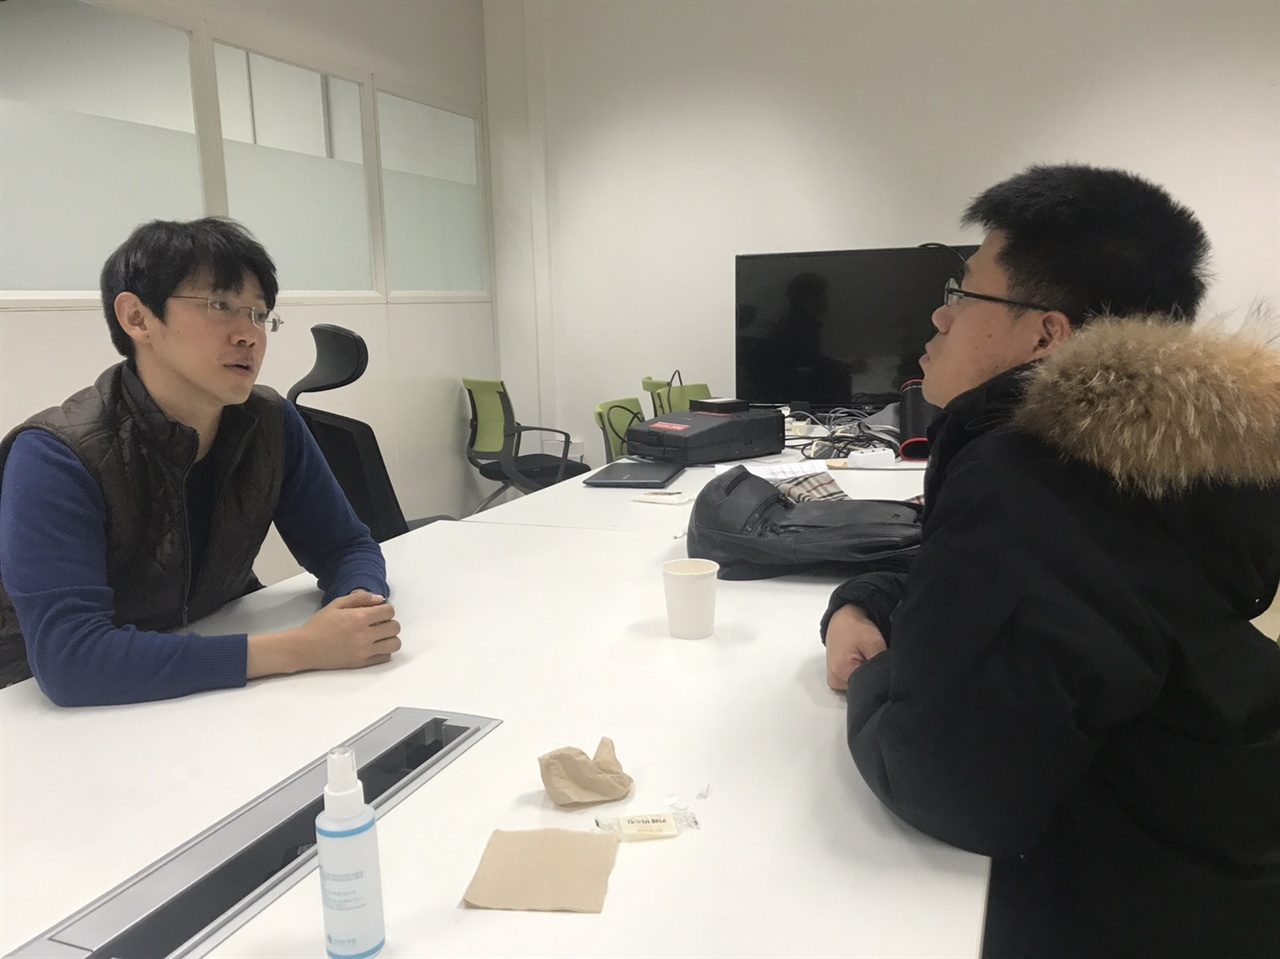 염규현 MBC 기자가 인터뷰를 하고 있다.